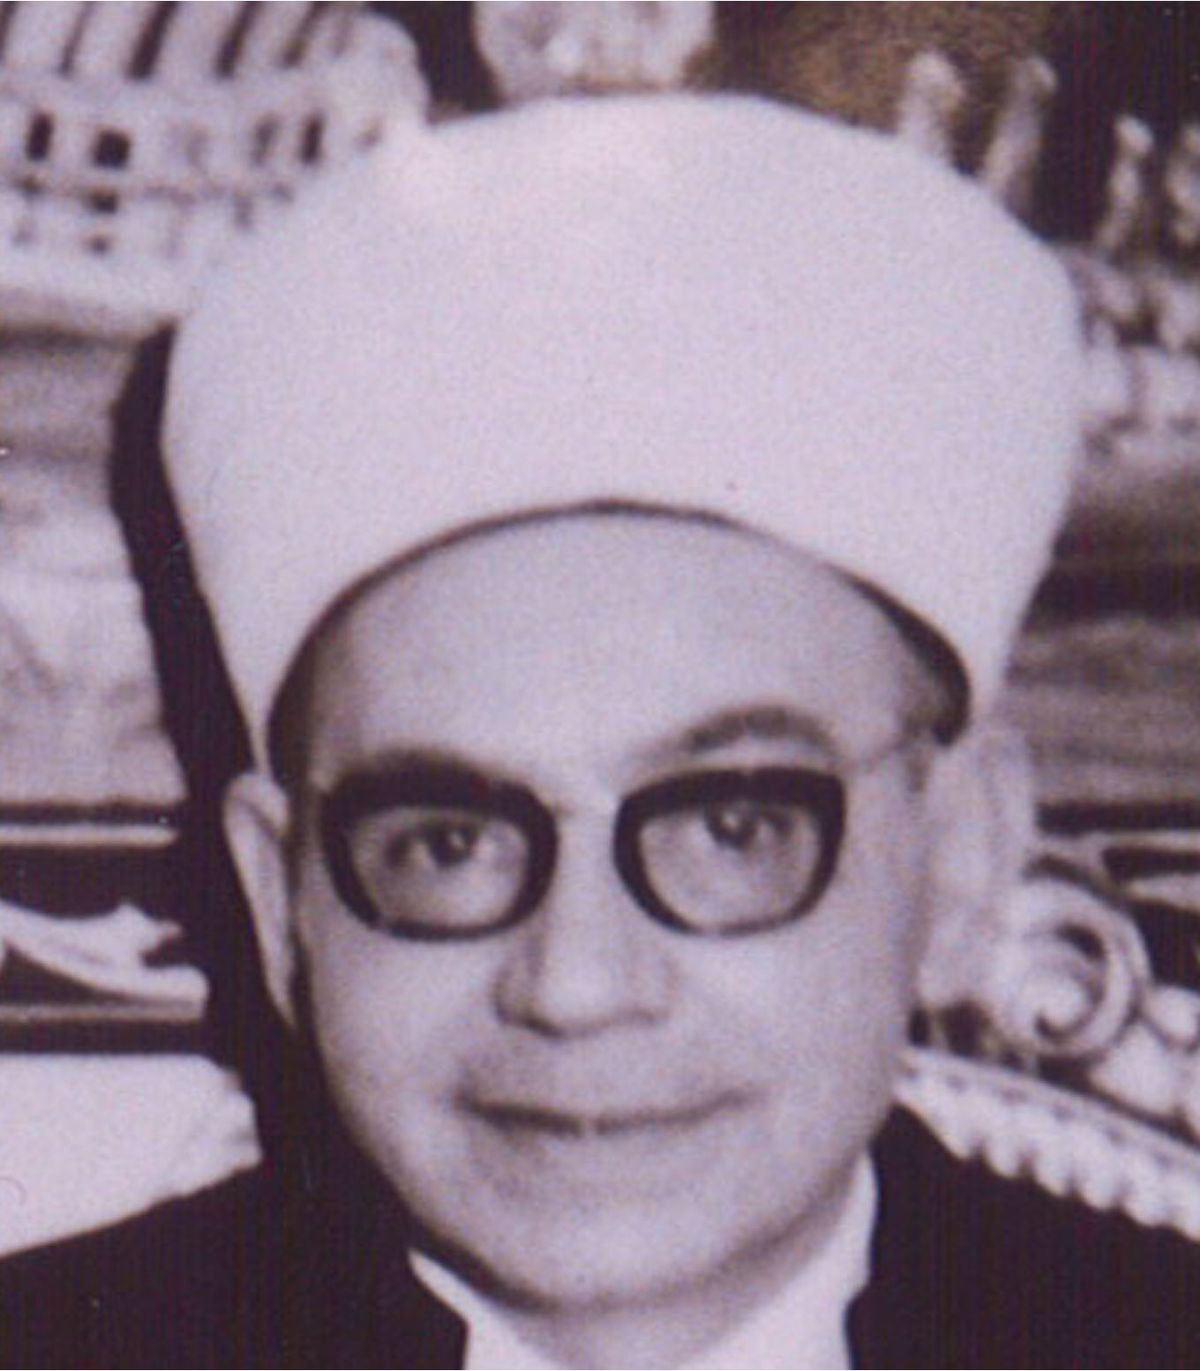 عبد الله العلايلي ويكيبيديا